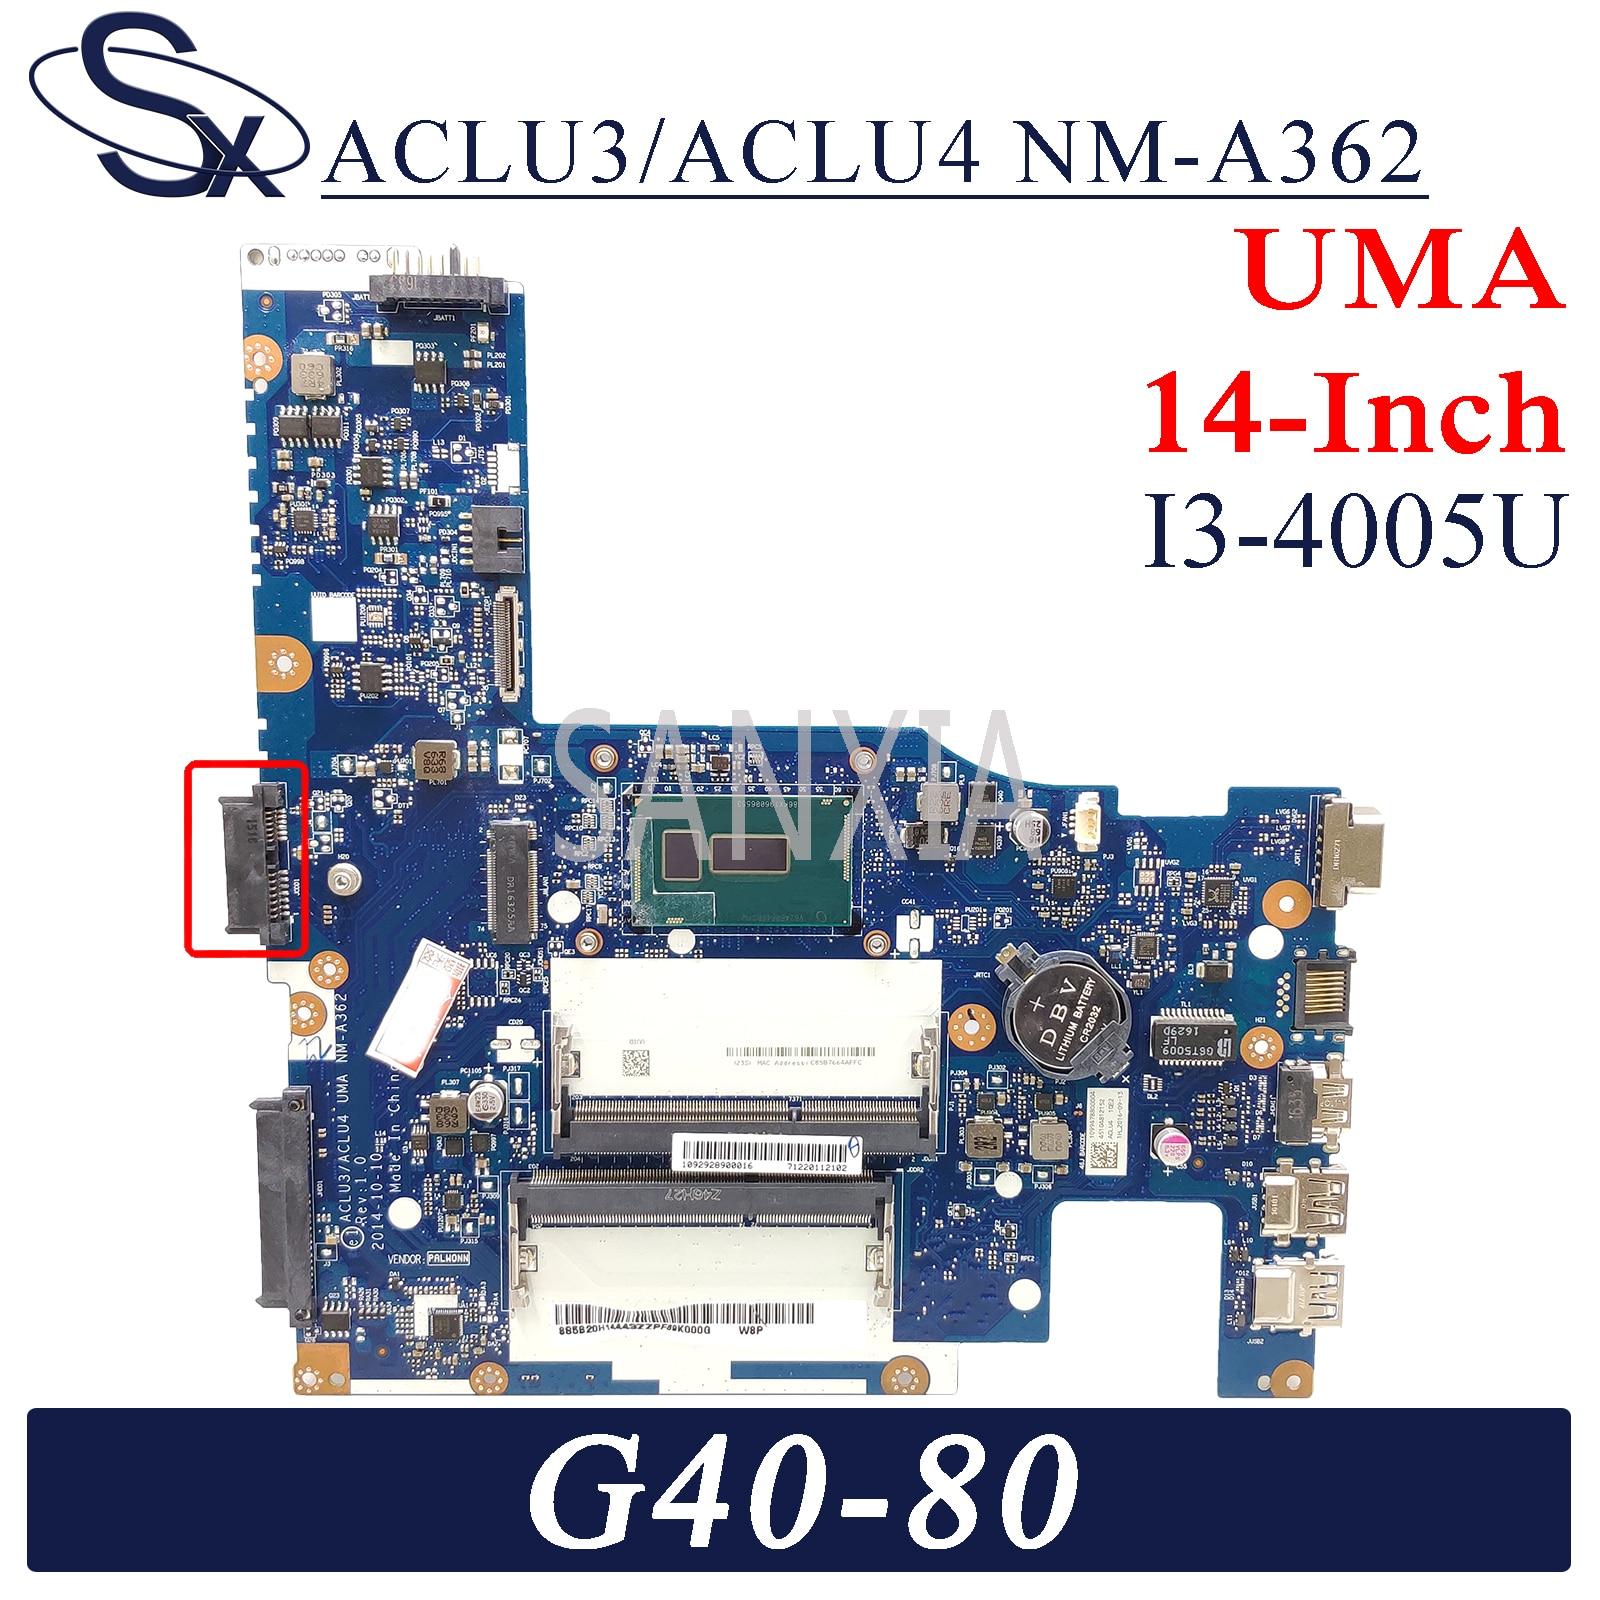 KEFU ACLU3/ACLU4 NM-A362 اللوحة الأم لأجهزة الكمبيوتر المحمول لينوفو G40-80 (14 بوصة) G40-70 اللوحة الرئيسية الأصلية I3-4005U UMA